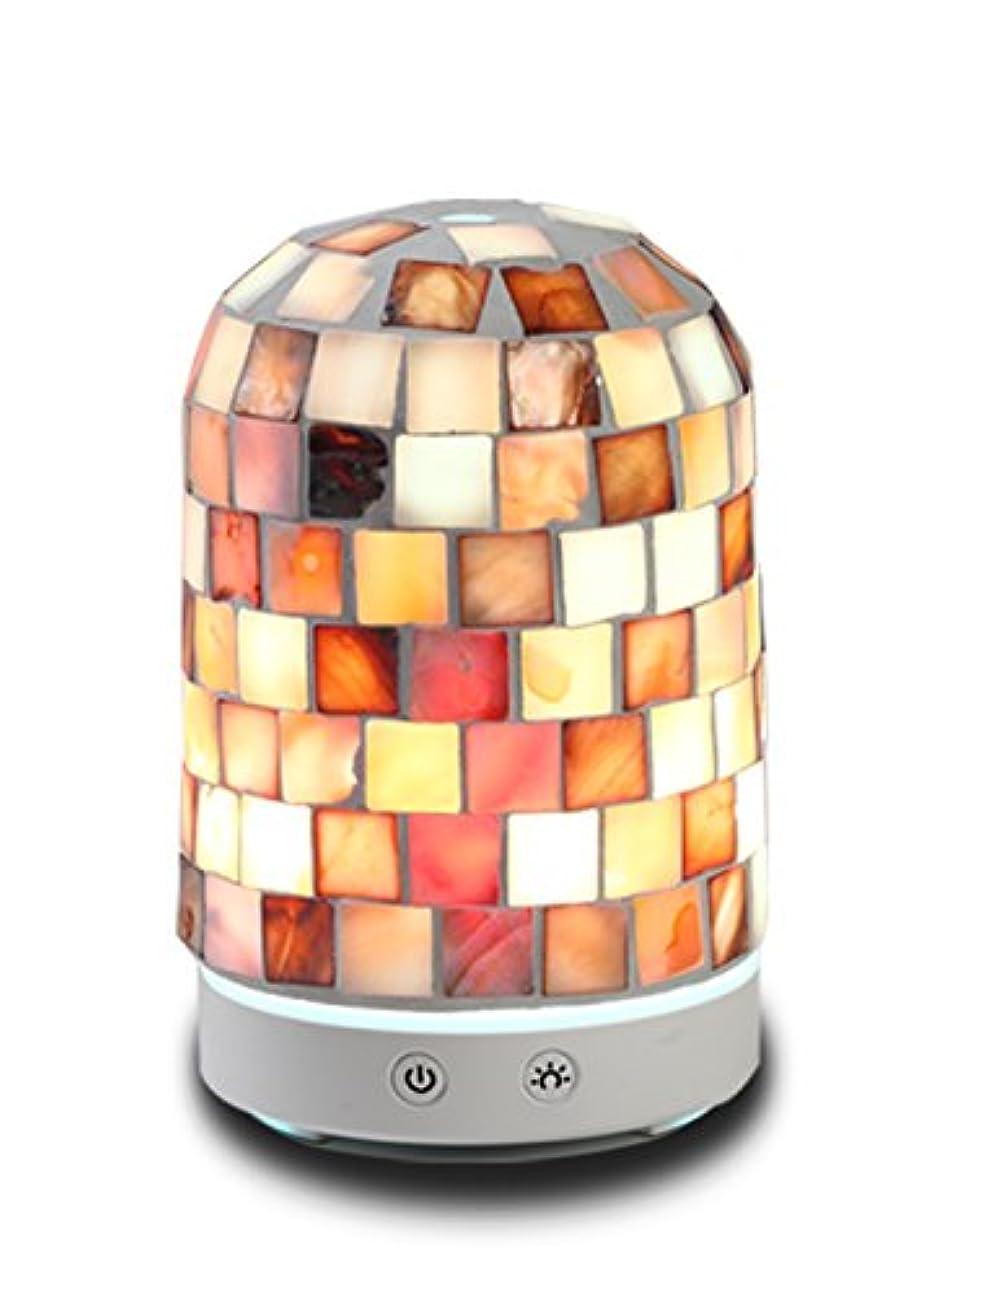 挑むひばり文化AAアロマセラピーアロマエッセンシャルオイルディフューザー加湿器120 ml Dreamカラーガラス14-color LEDライトミュート自動ライトChangingアロマセラピーマシン加湿器 Diameter: 9cm;...